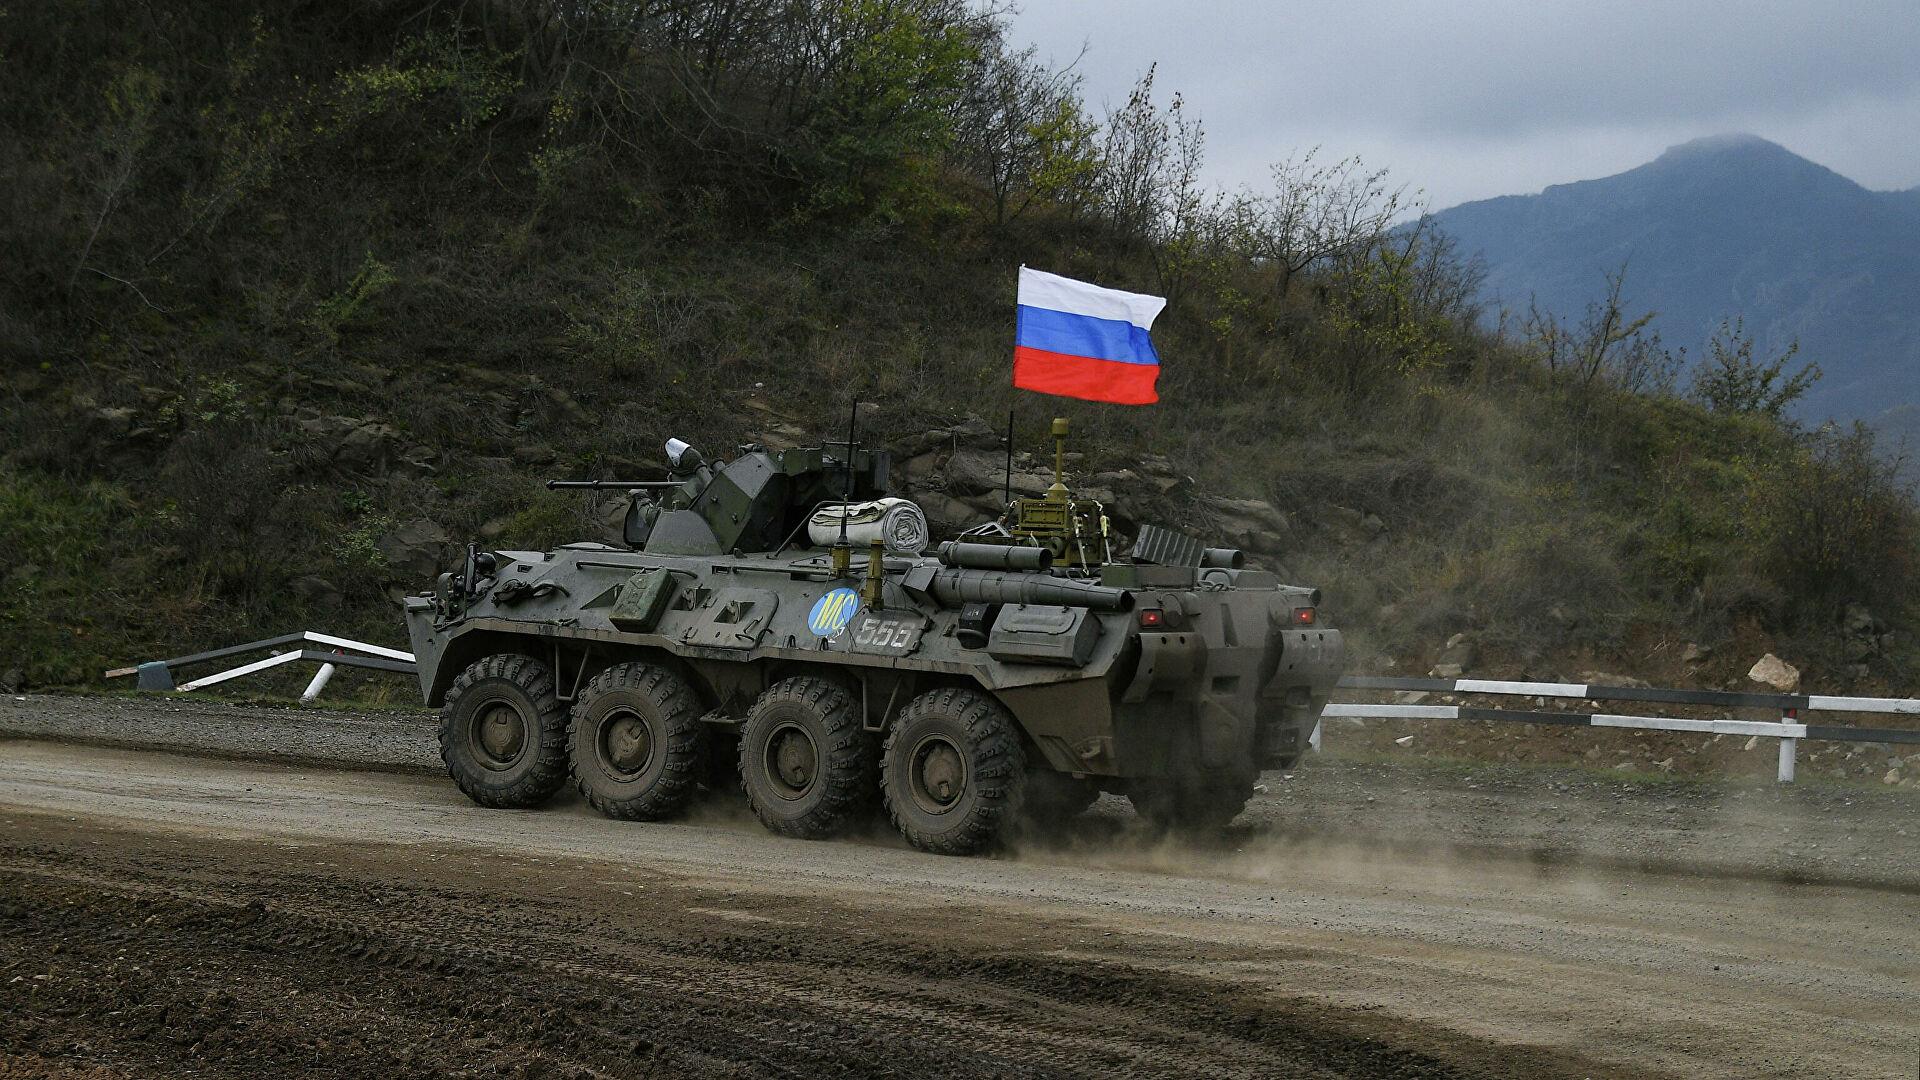 Јереван: Сукоб око Нагорно-Карабаха може бити решен само уколико међународна заједница призна право становника на самоопредељење